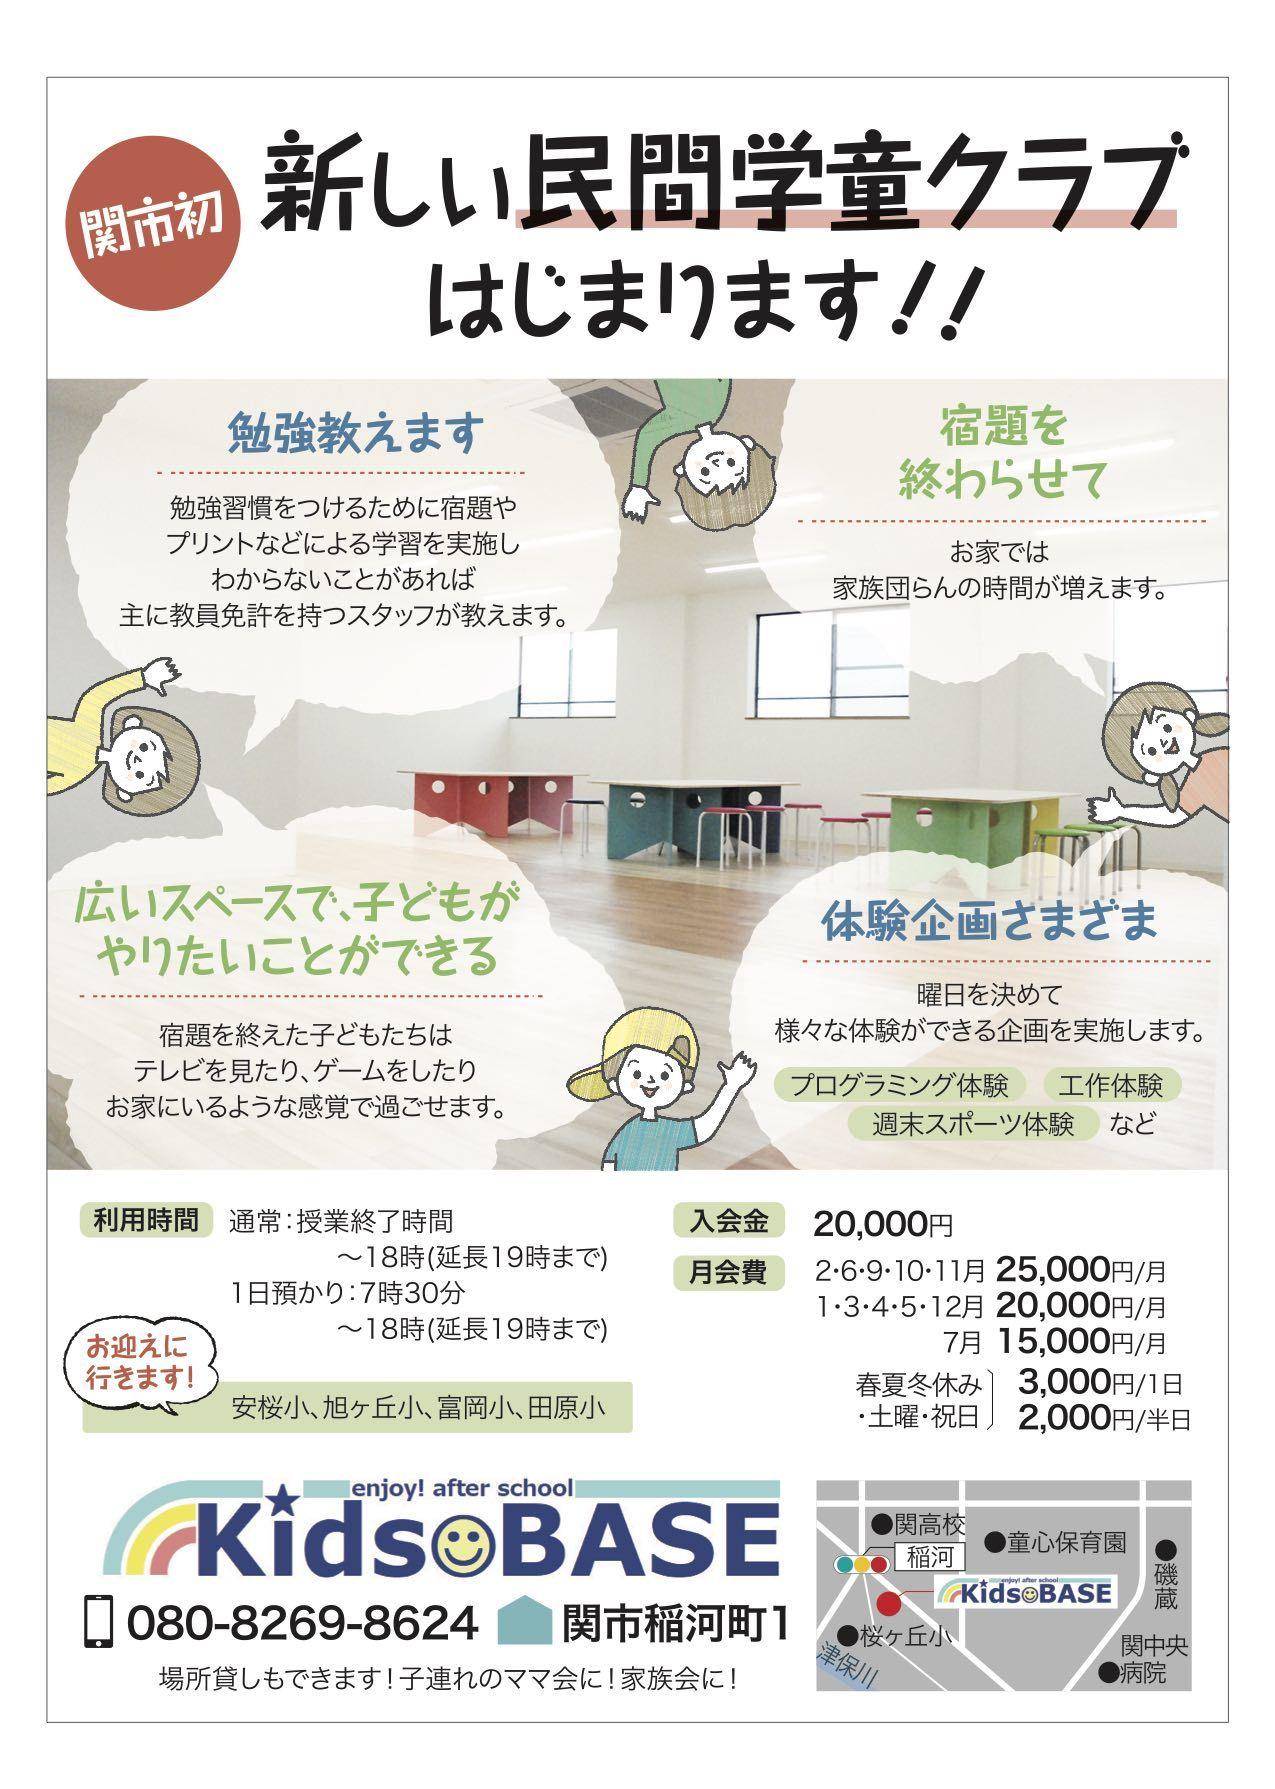 緊急オープン!関市初の民間学童クラブが、前倒してスタートします!_a0026530_17214382.jpg